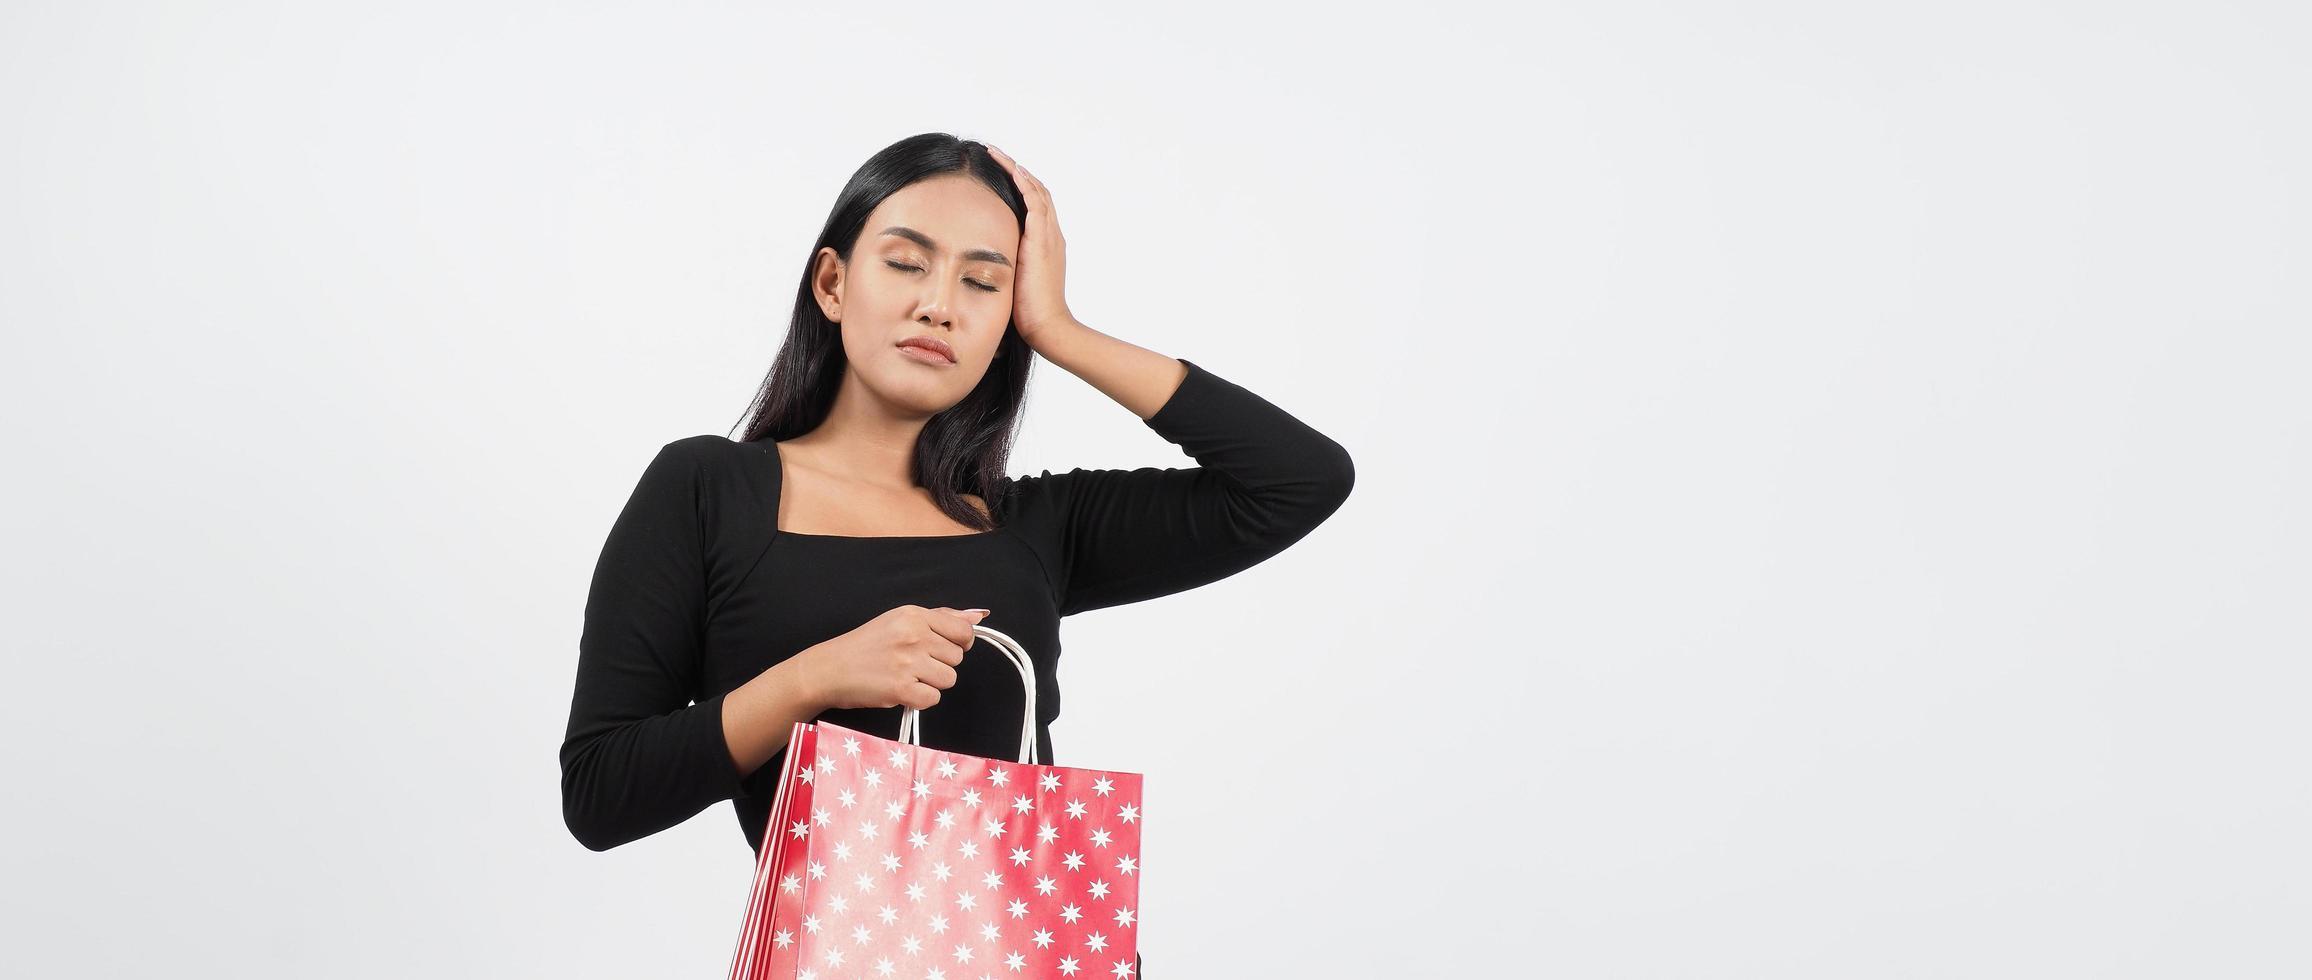 kvinna shopping koncept. glad tjej och shoppingkassar foto